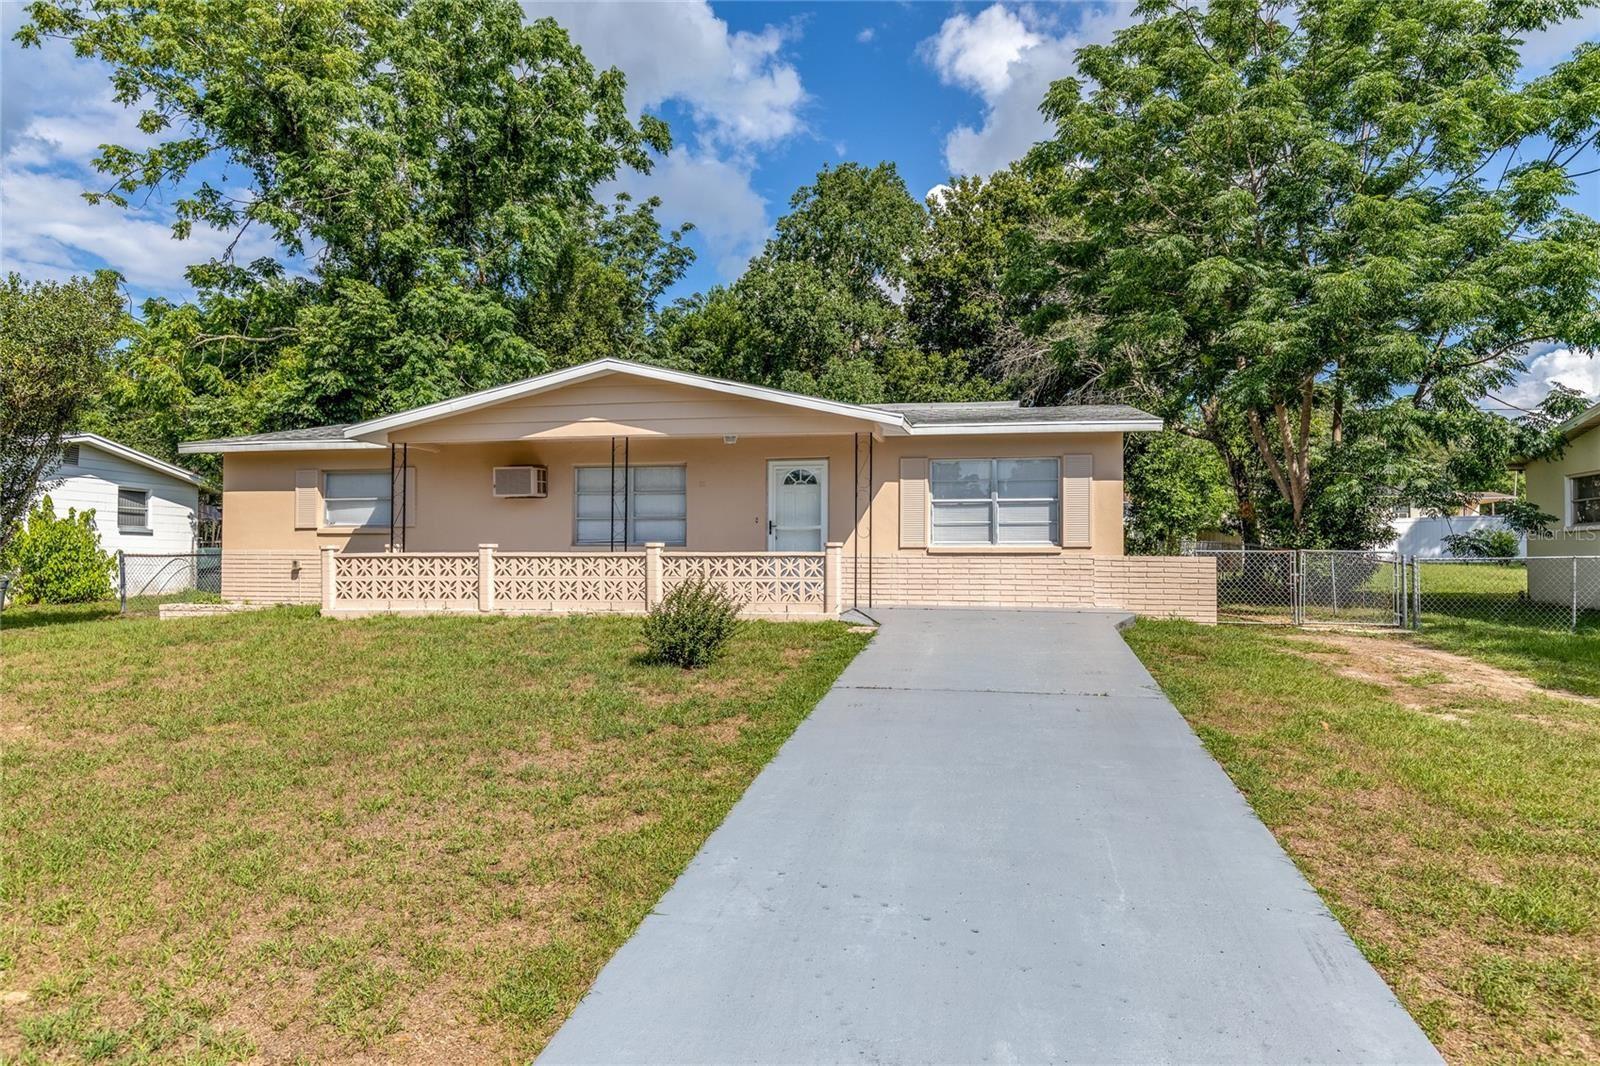 22 N LINCOLN AVENUE, Beverly Hills, FL 34465 - #: U8126818